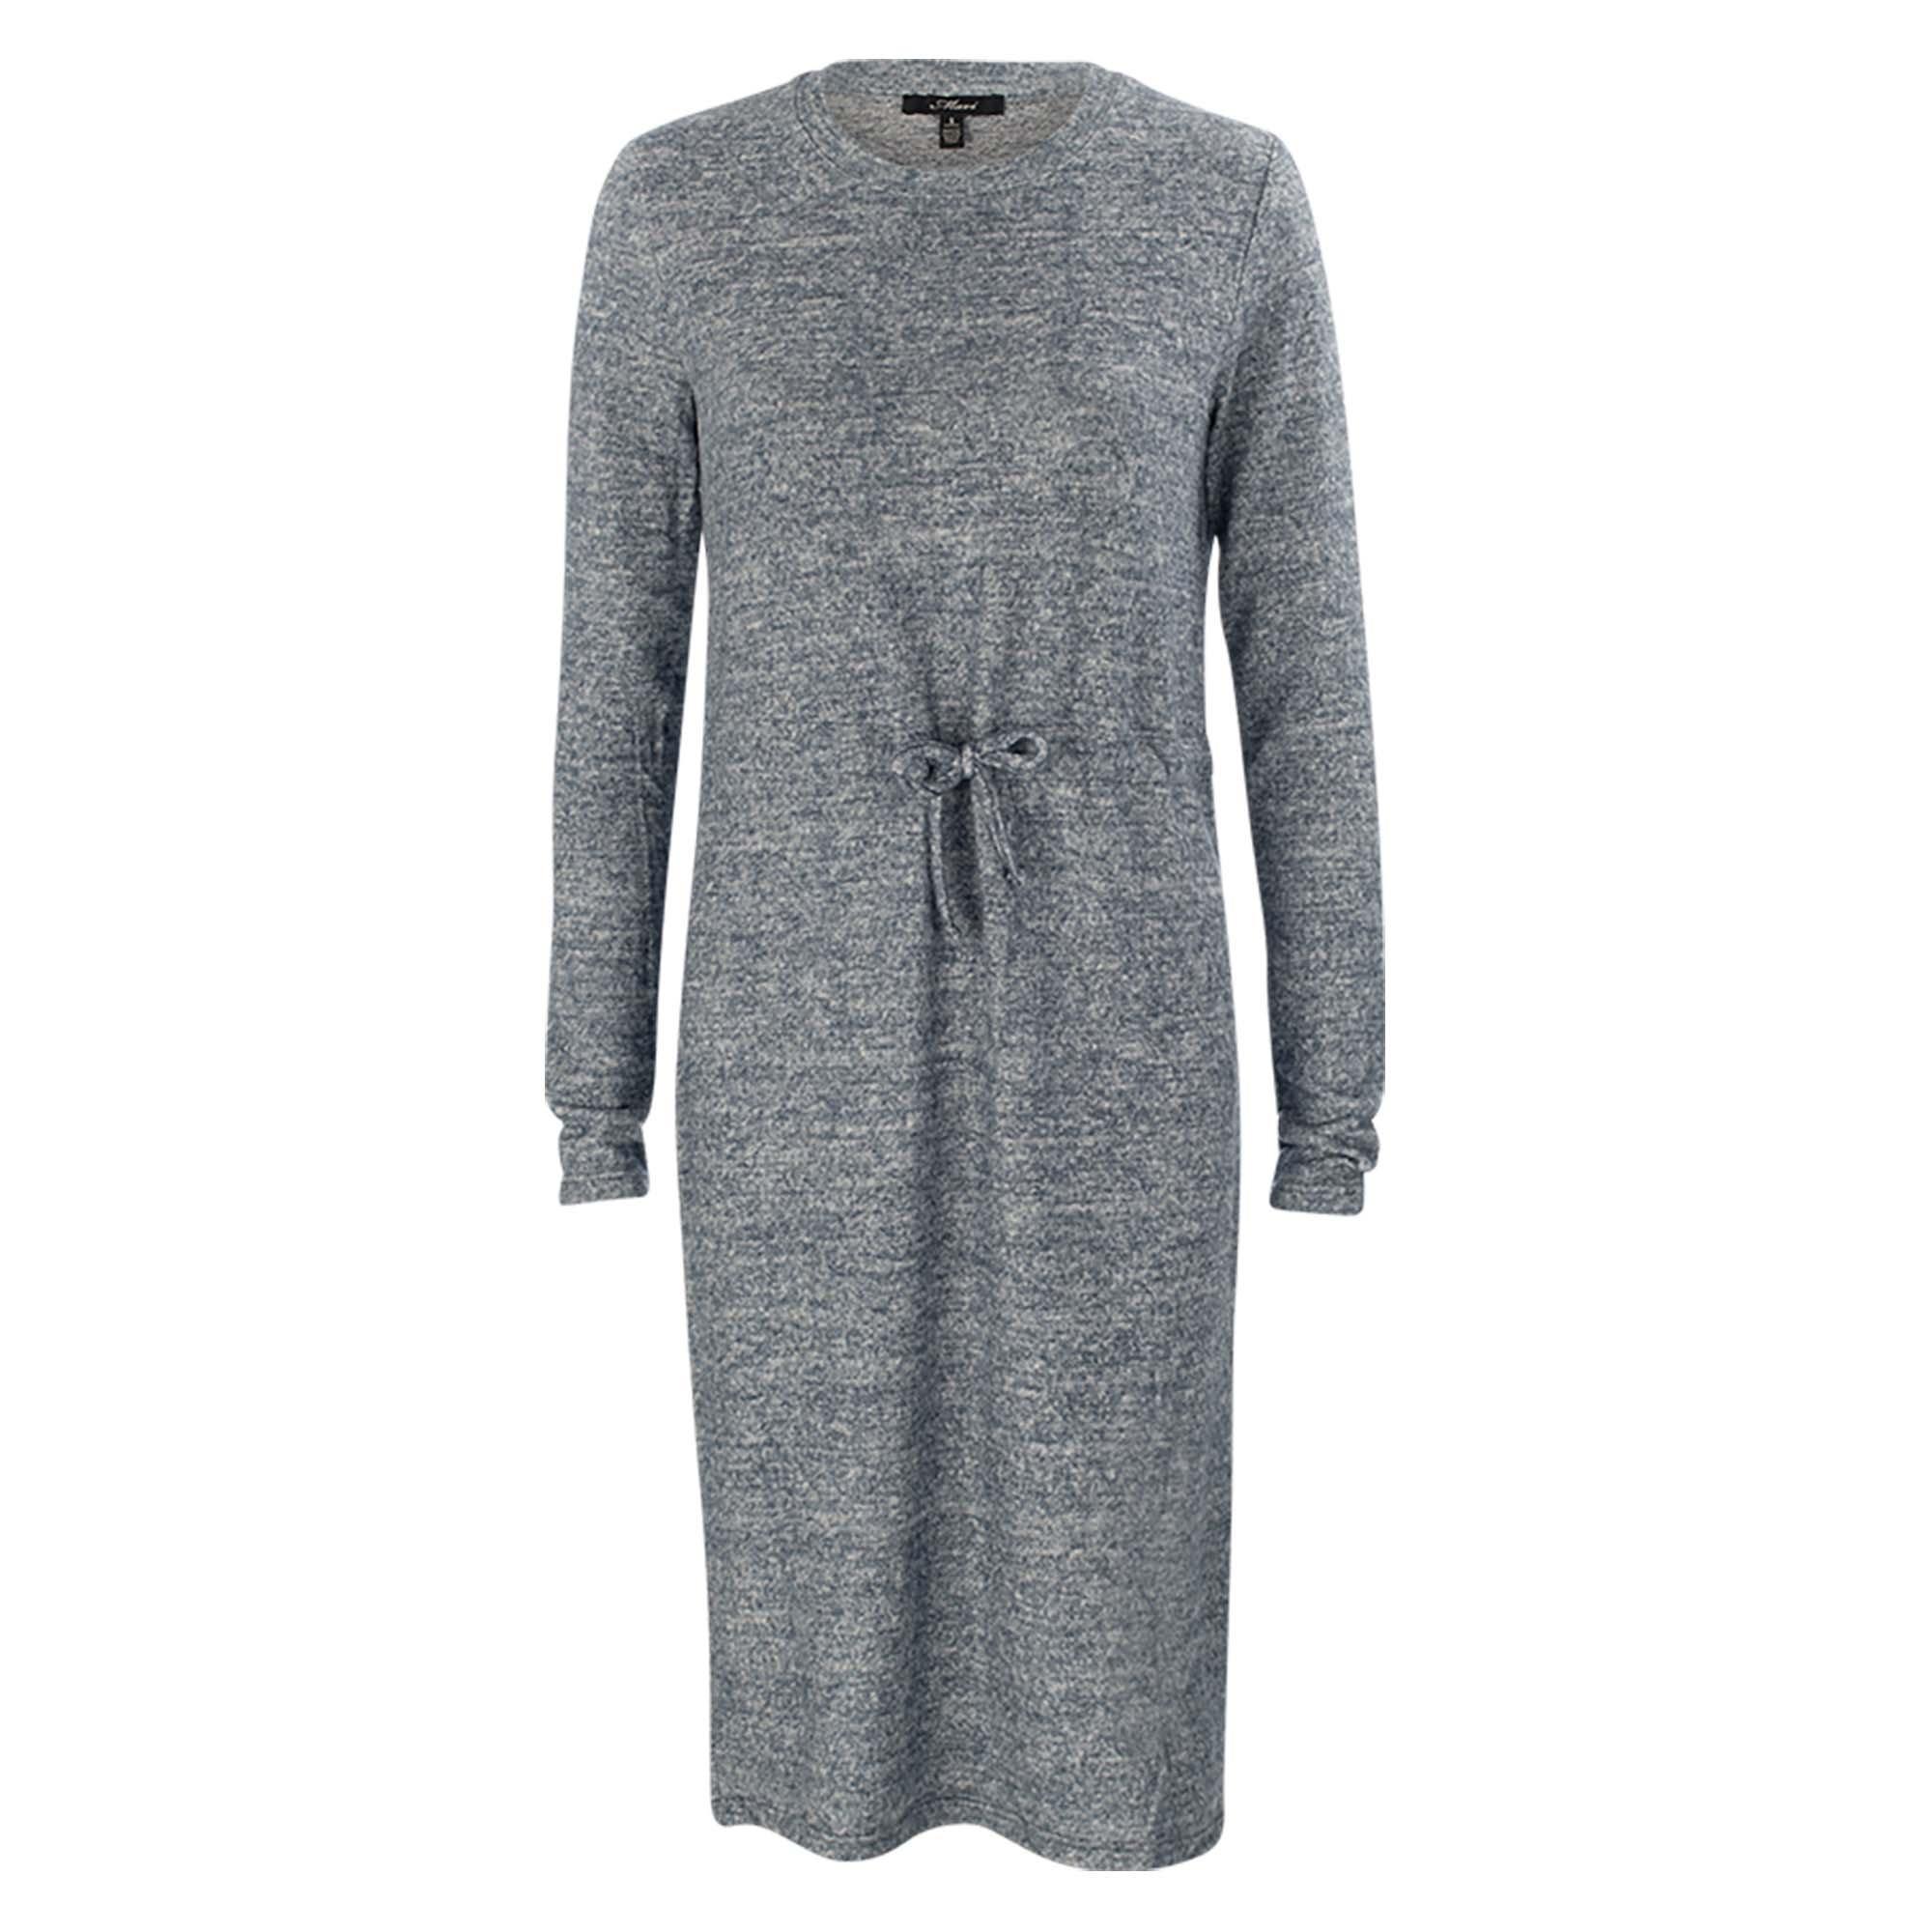 Kleid Casual Fit Crewneck Online Im Shop Bei Meinfischer De Kaufen Mein Fischer